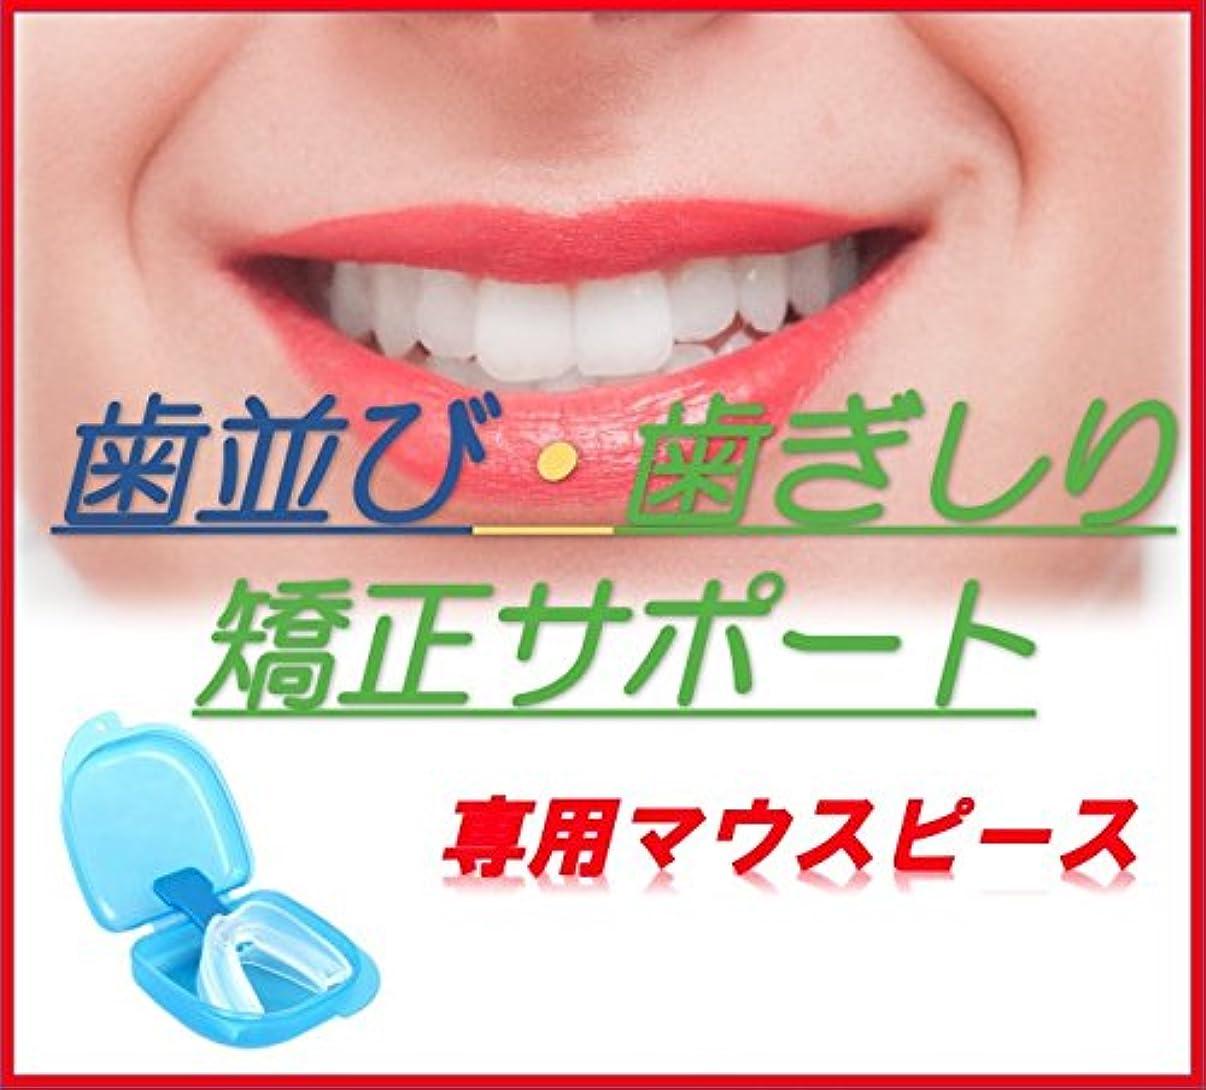 することになっている断言する作動する[NET-O] 歯並び 歯ぎしり 矯正 サポート 専用マウスピース お得用セットあり (1set)